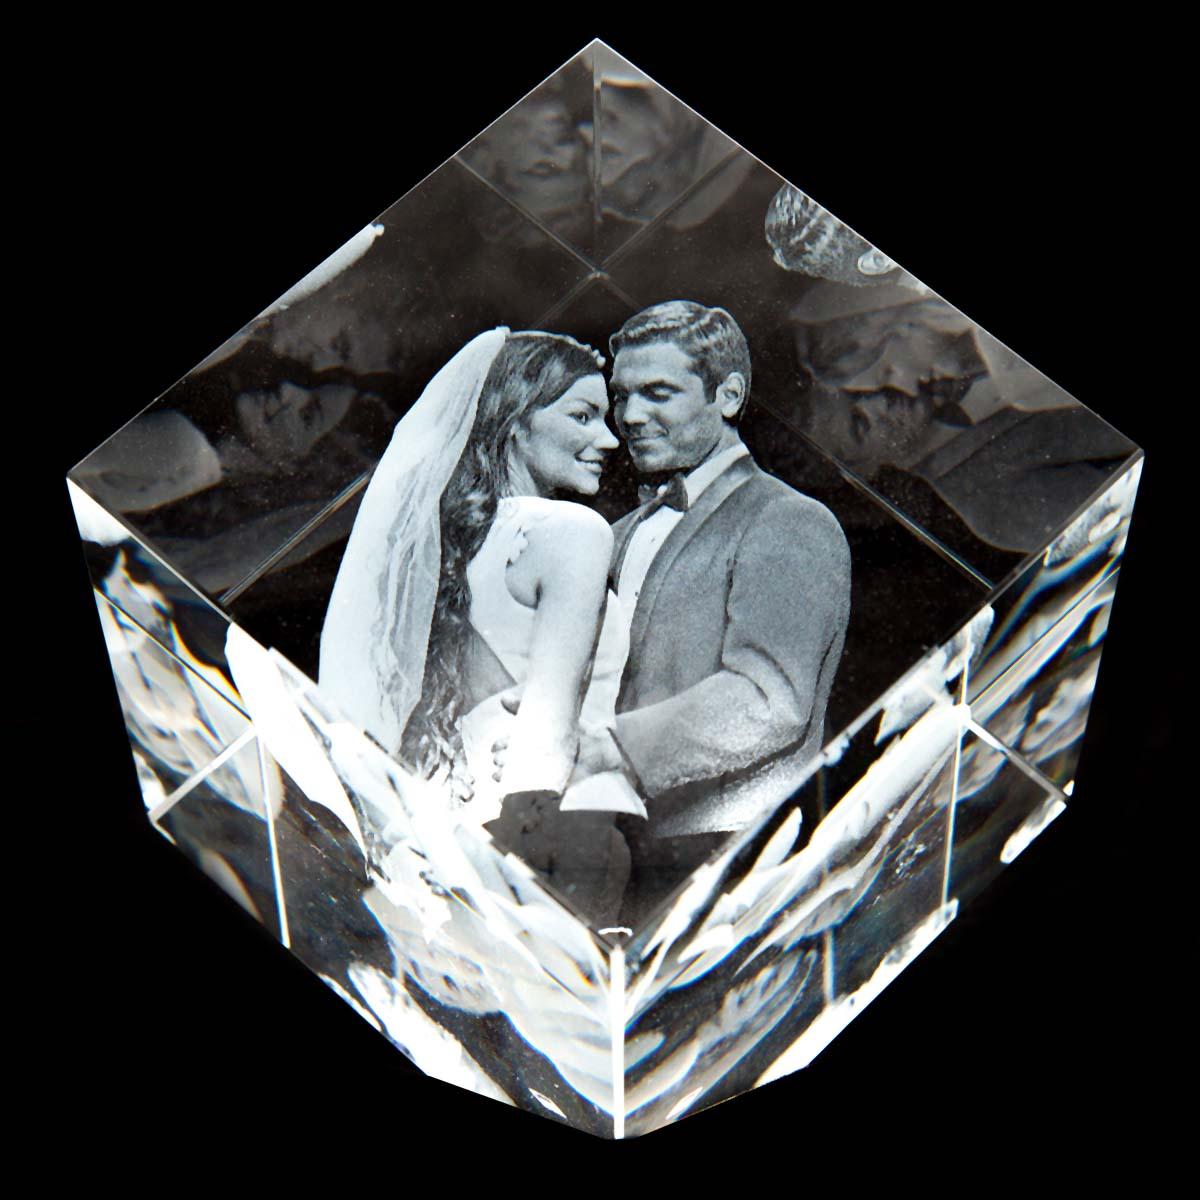 3D Laser Foto im Kelo Viamant Glas by Digitale Fotografien